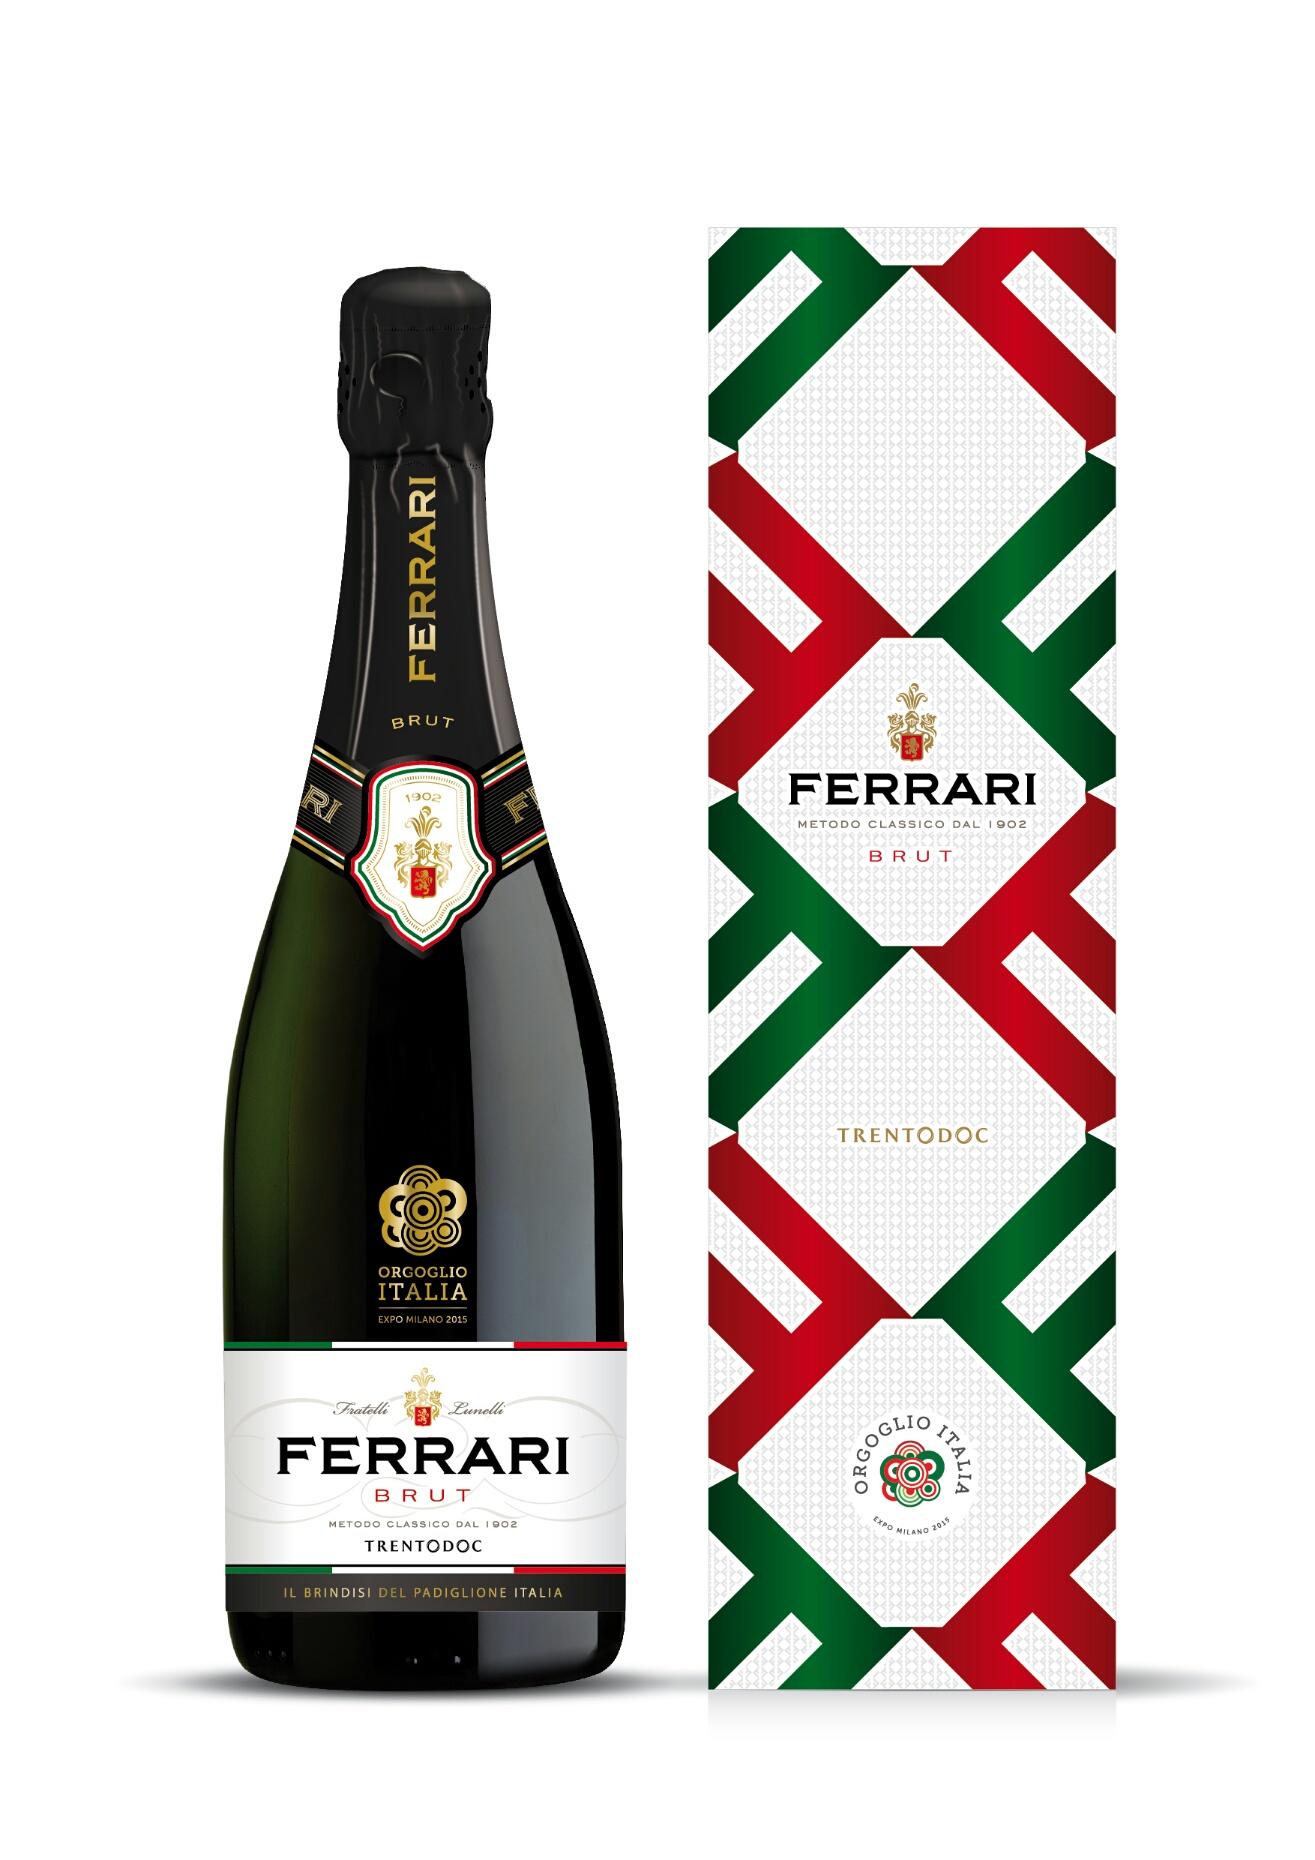 Ferrari Trentodoc